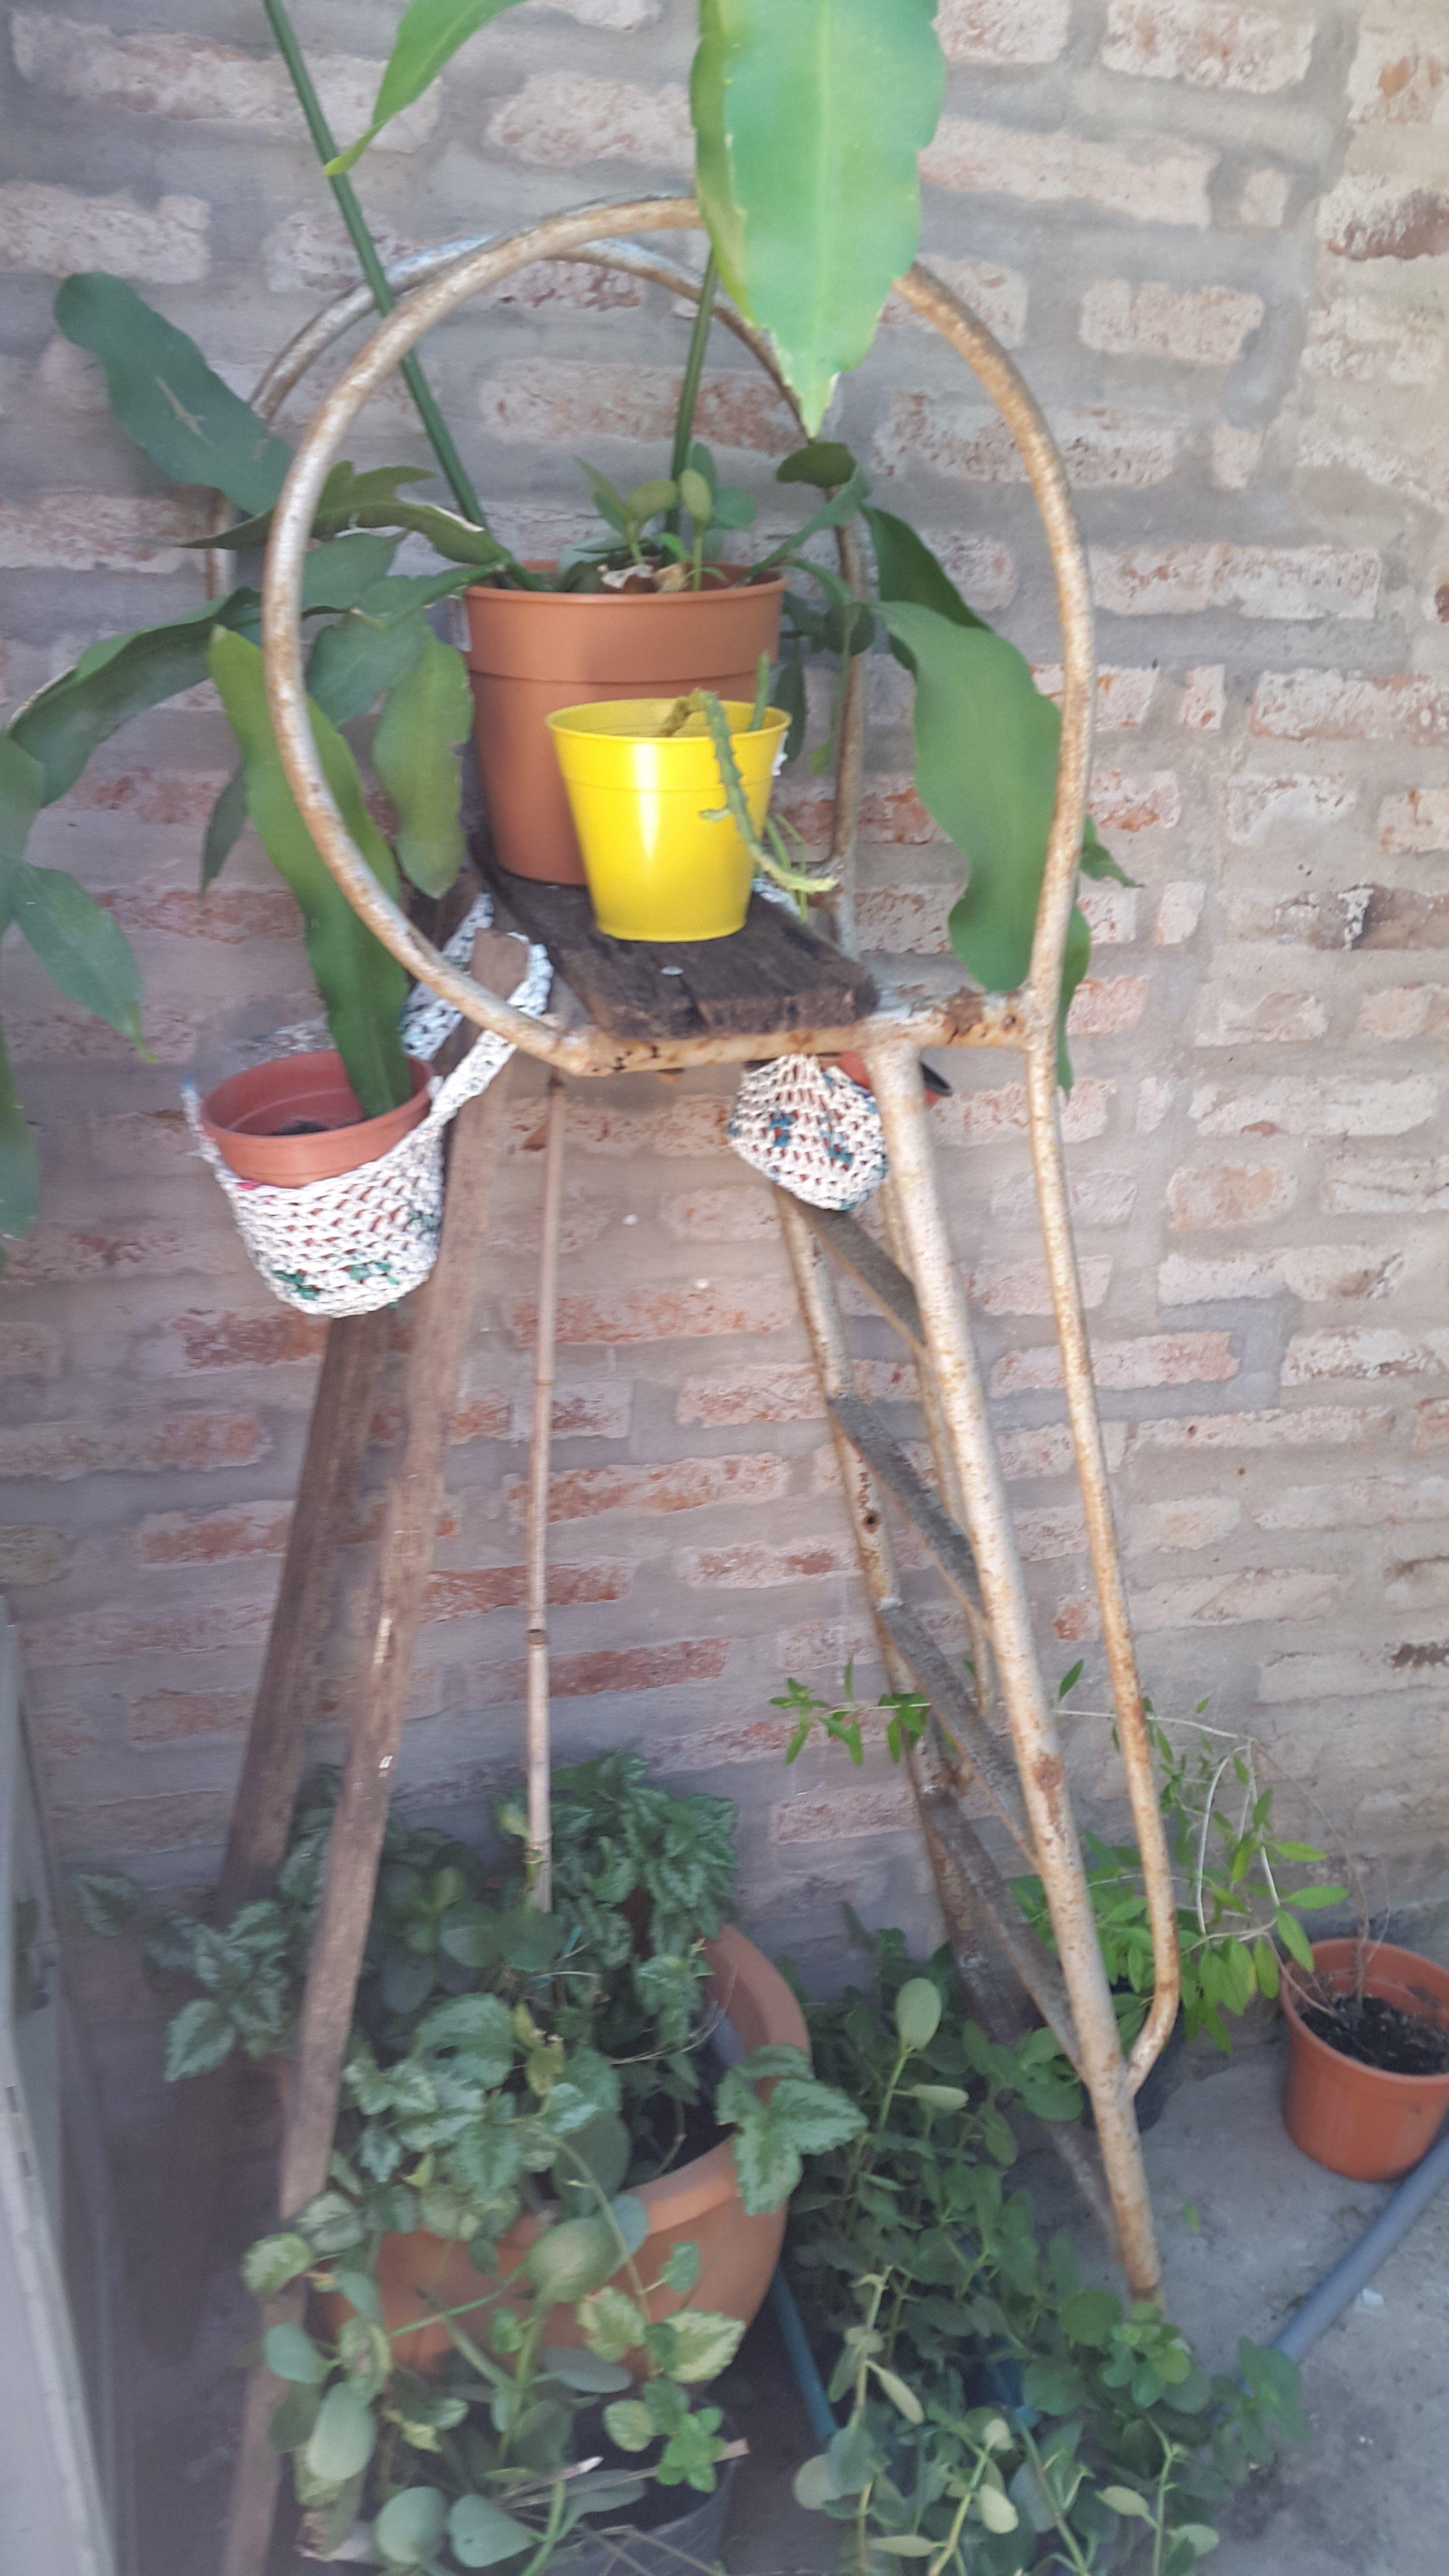 La escalera de un trampolín de pileta puede transformarse en un jardín vertical, para sostener macetas y plantines